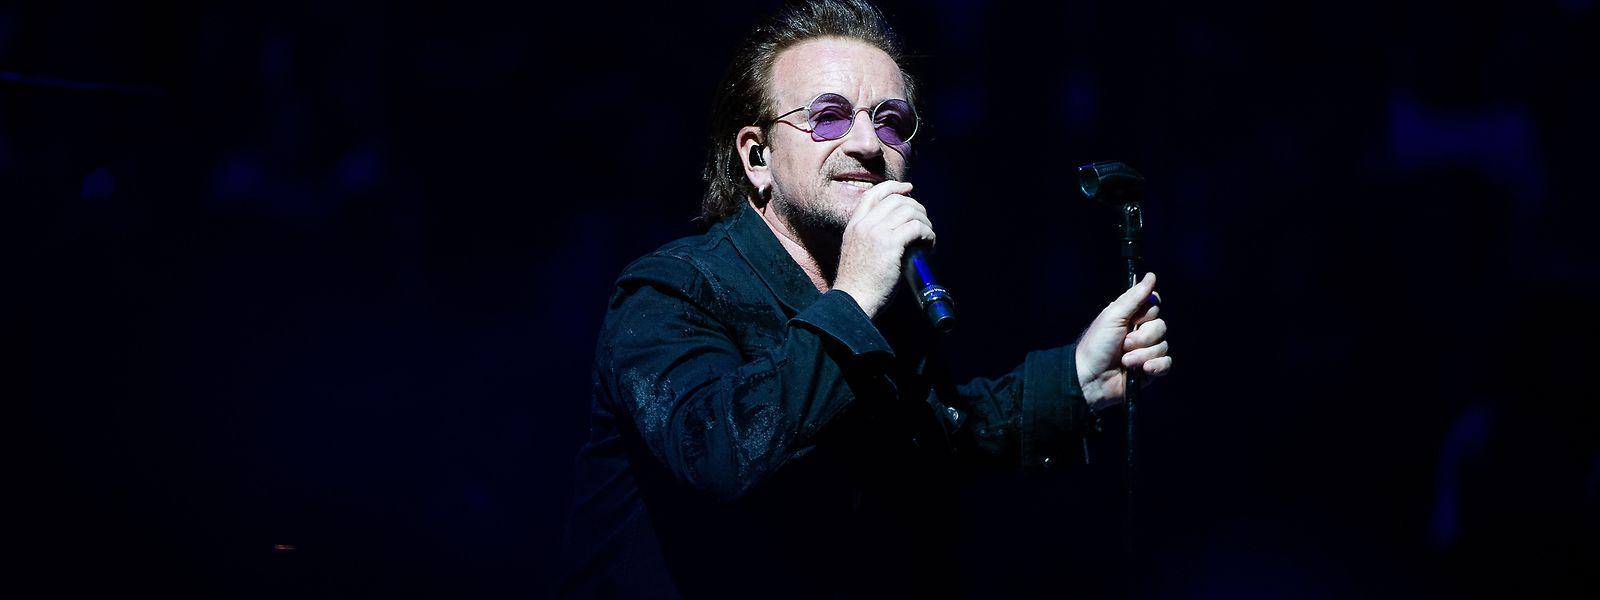 Entwarnung für die Fans: Bonos Stimme ist wiederhergestellt.